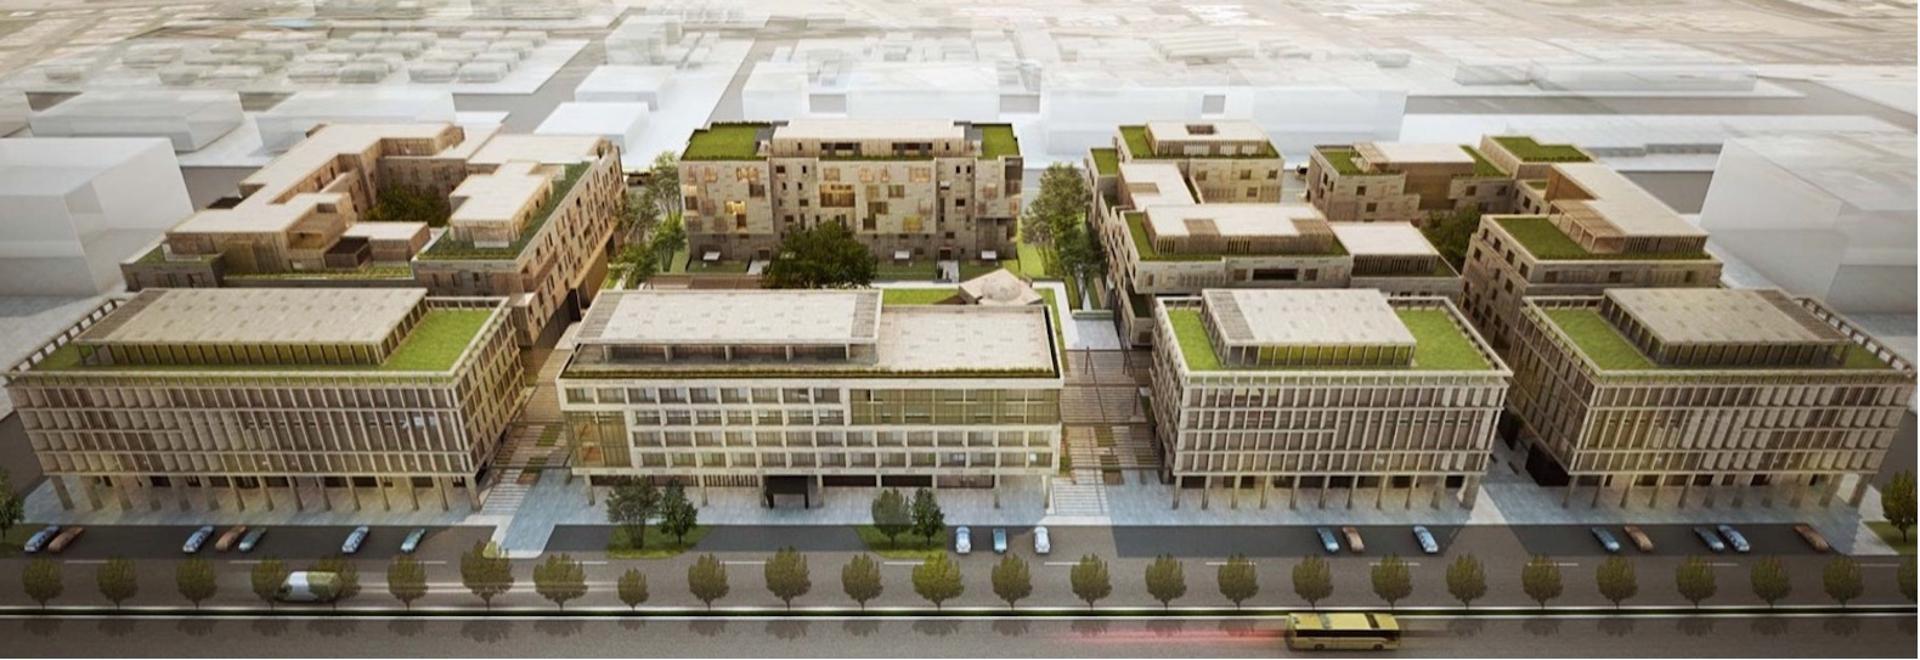 Der Komplex für gemischte Nutzung zielt darauf ab, die Wärmeabfuhr mit Grün in Saudi-Arabien zu minimieren